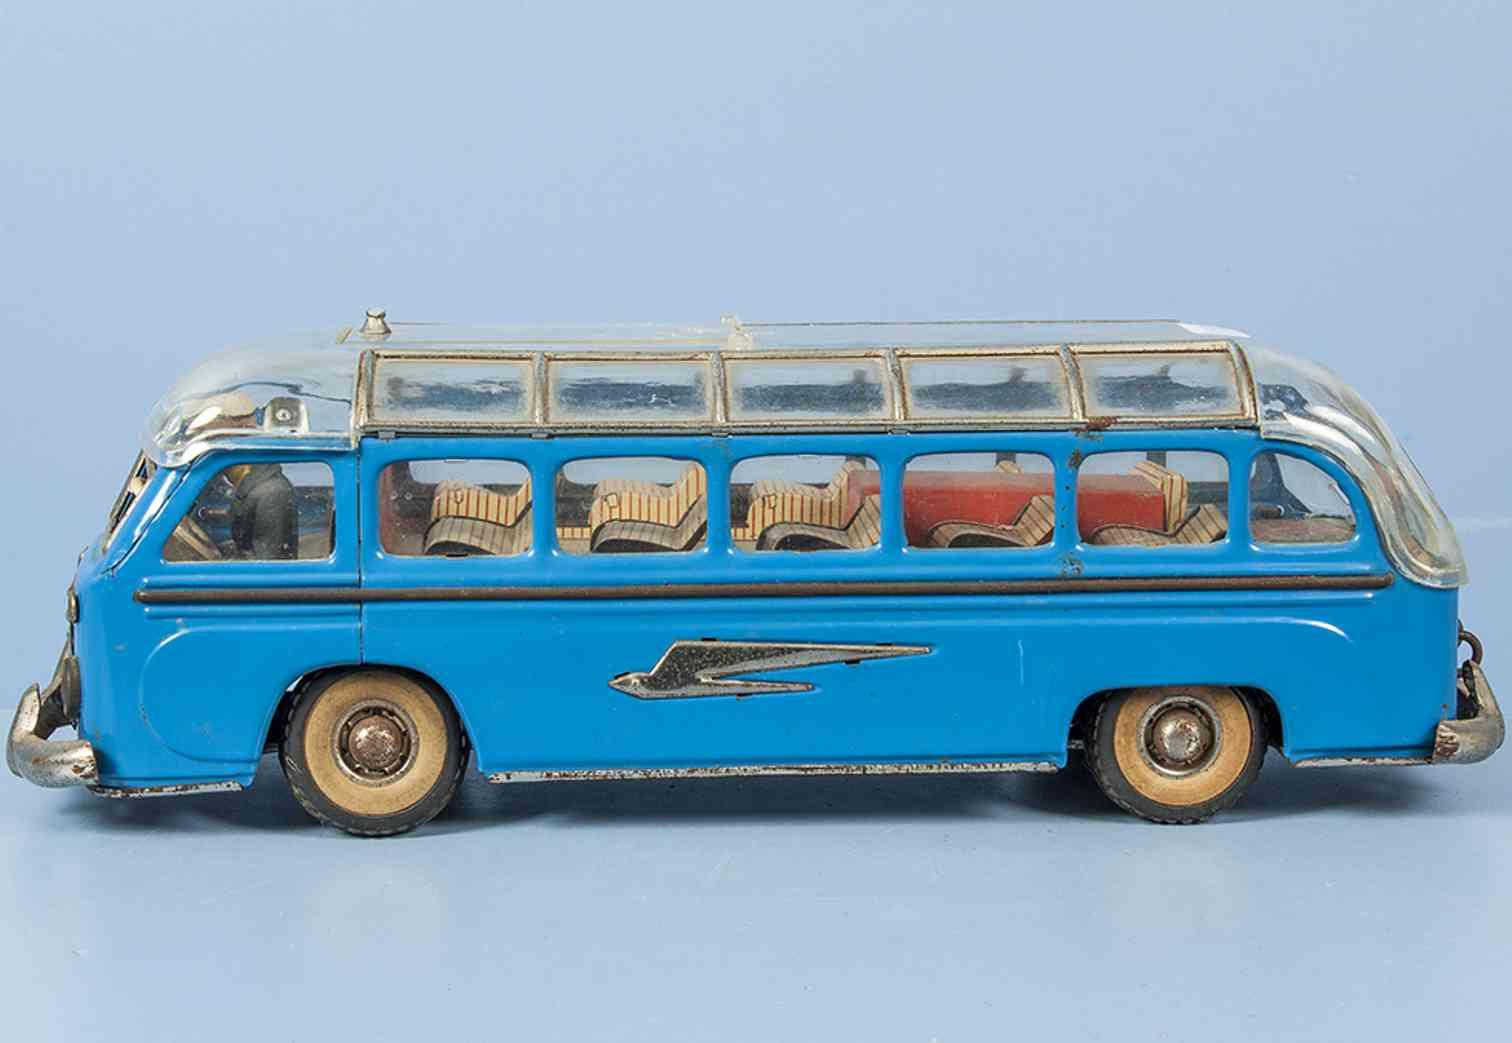 guenthermann 858 blech spielzeug autobus setra reisebus uhrwerk blau